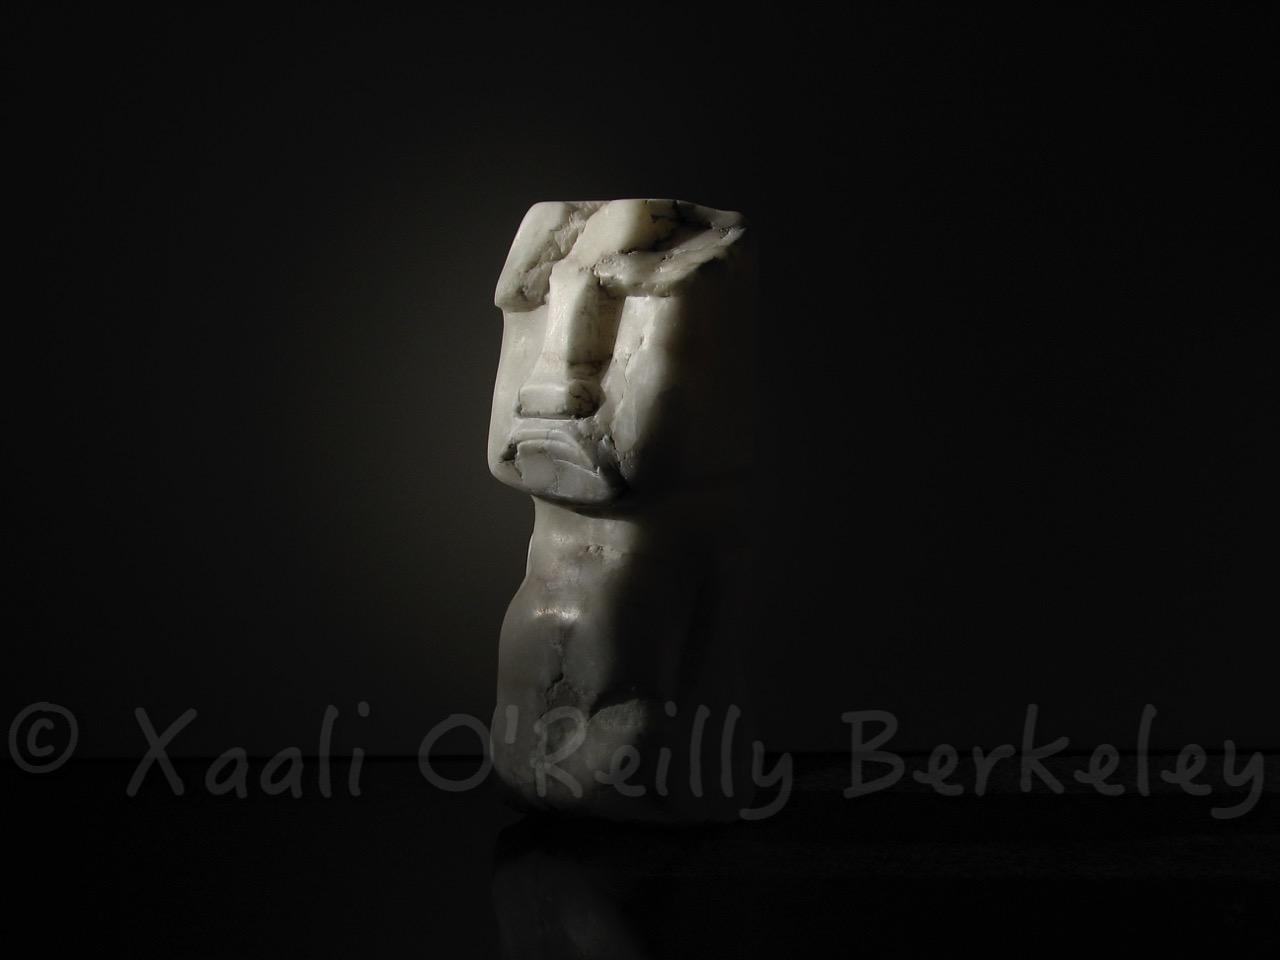 XaaliOReillyPhotos - 50